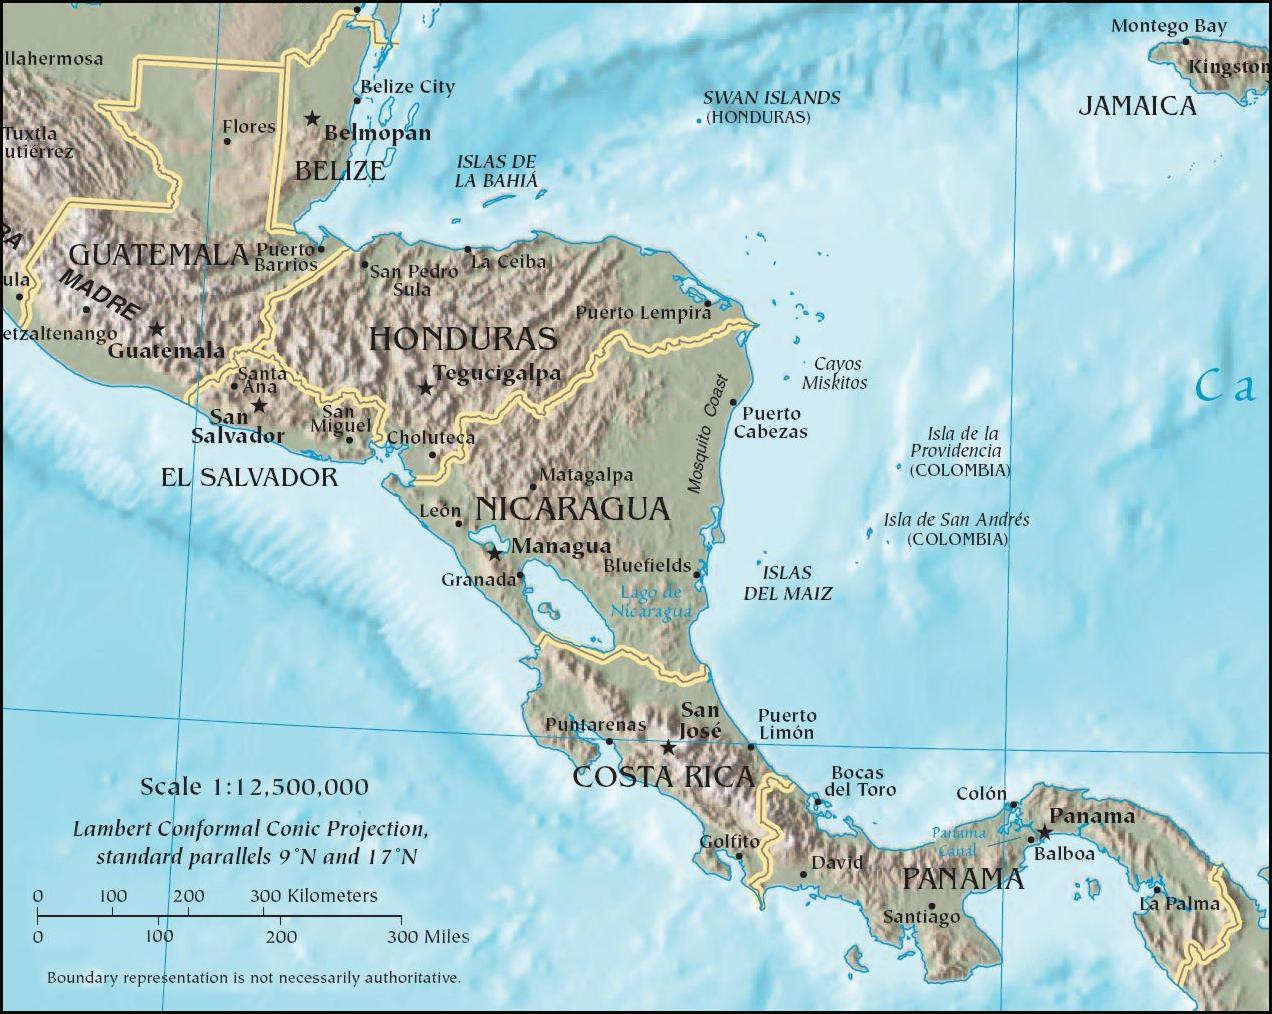 Opera Mundi: Hoje na História: 1821 - Ata de Independência da América  Central é assinada